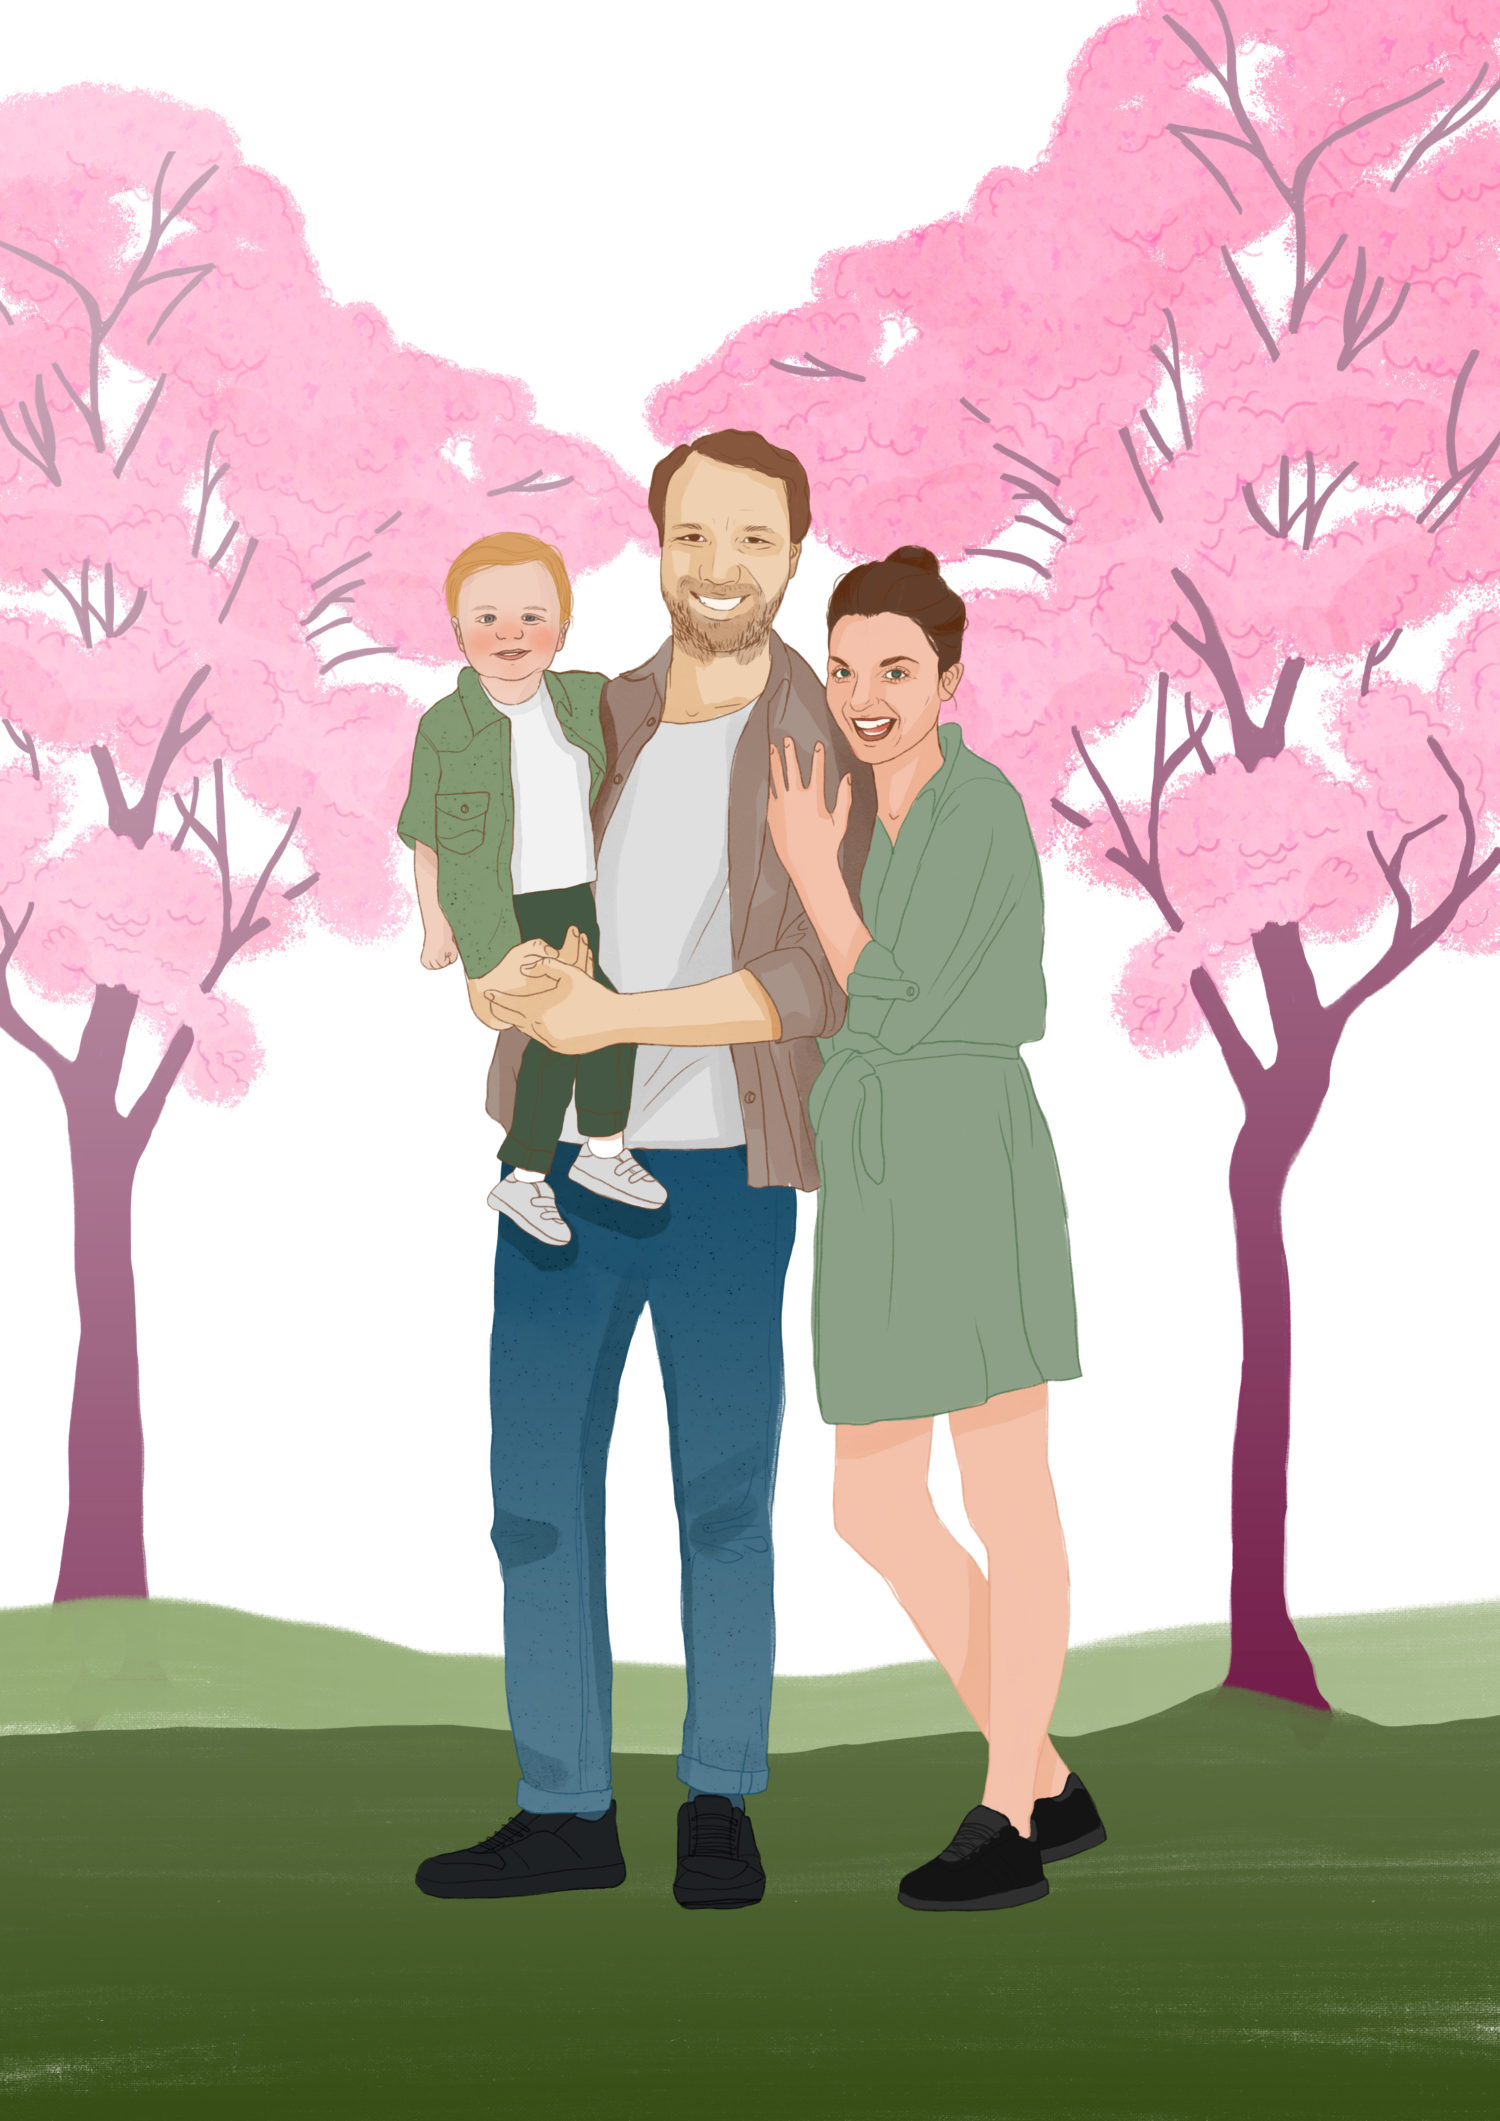 Family portrait illustration commission